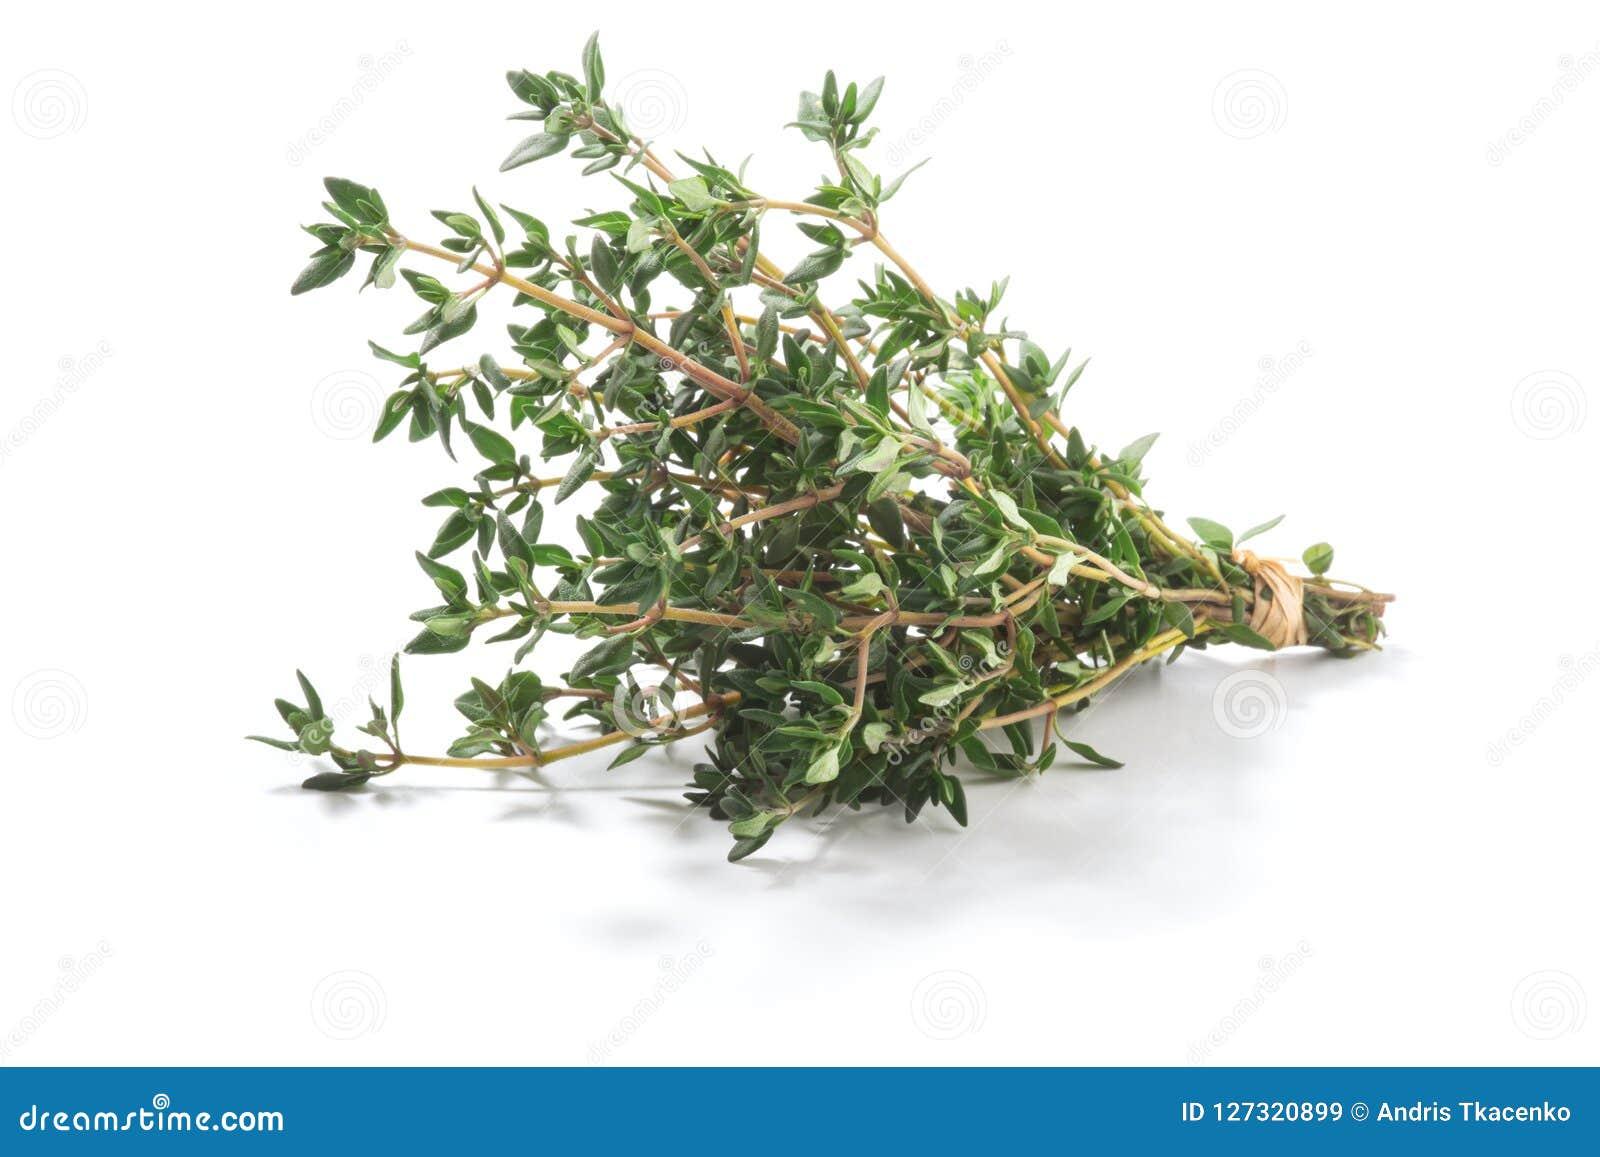 麝香草新鲜的草本胸腺寻常的灌木